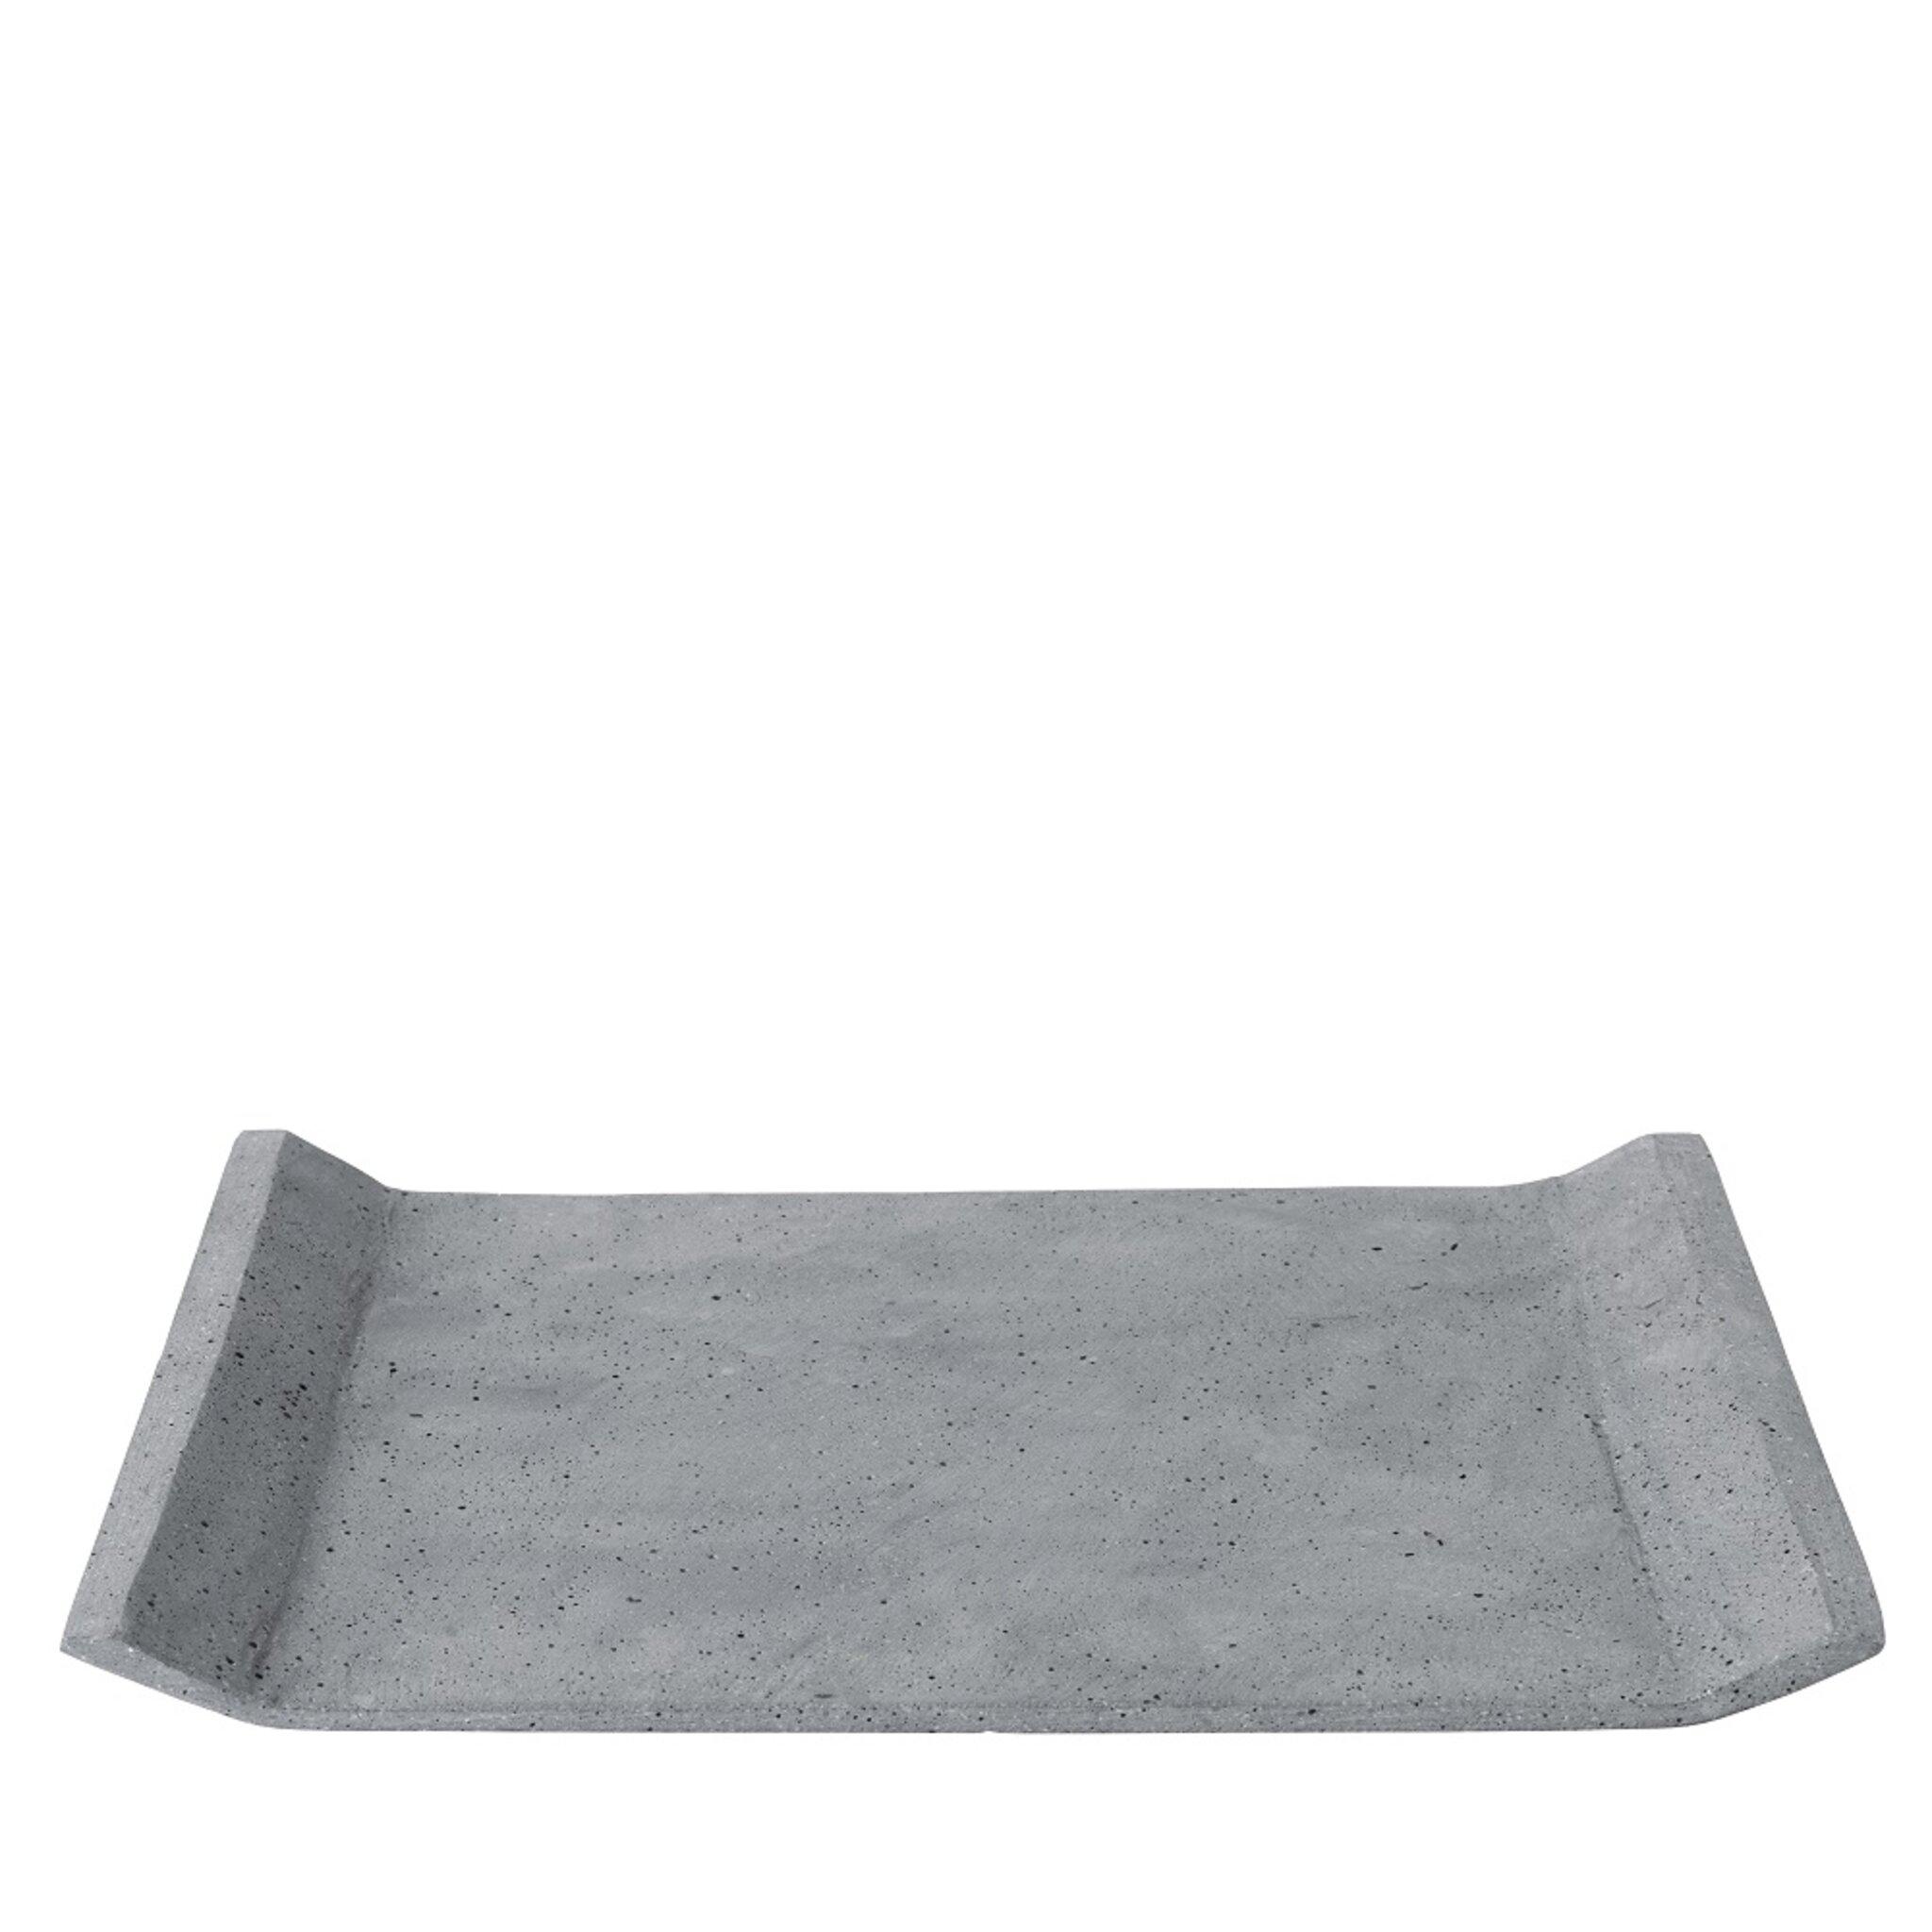 MOON Bricka 40x30 cm